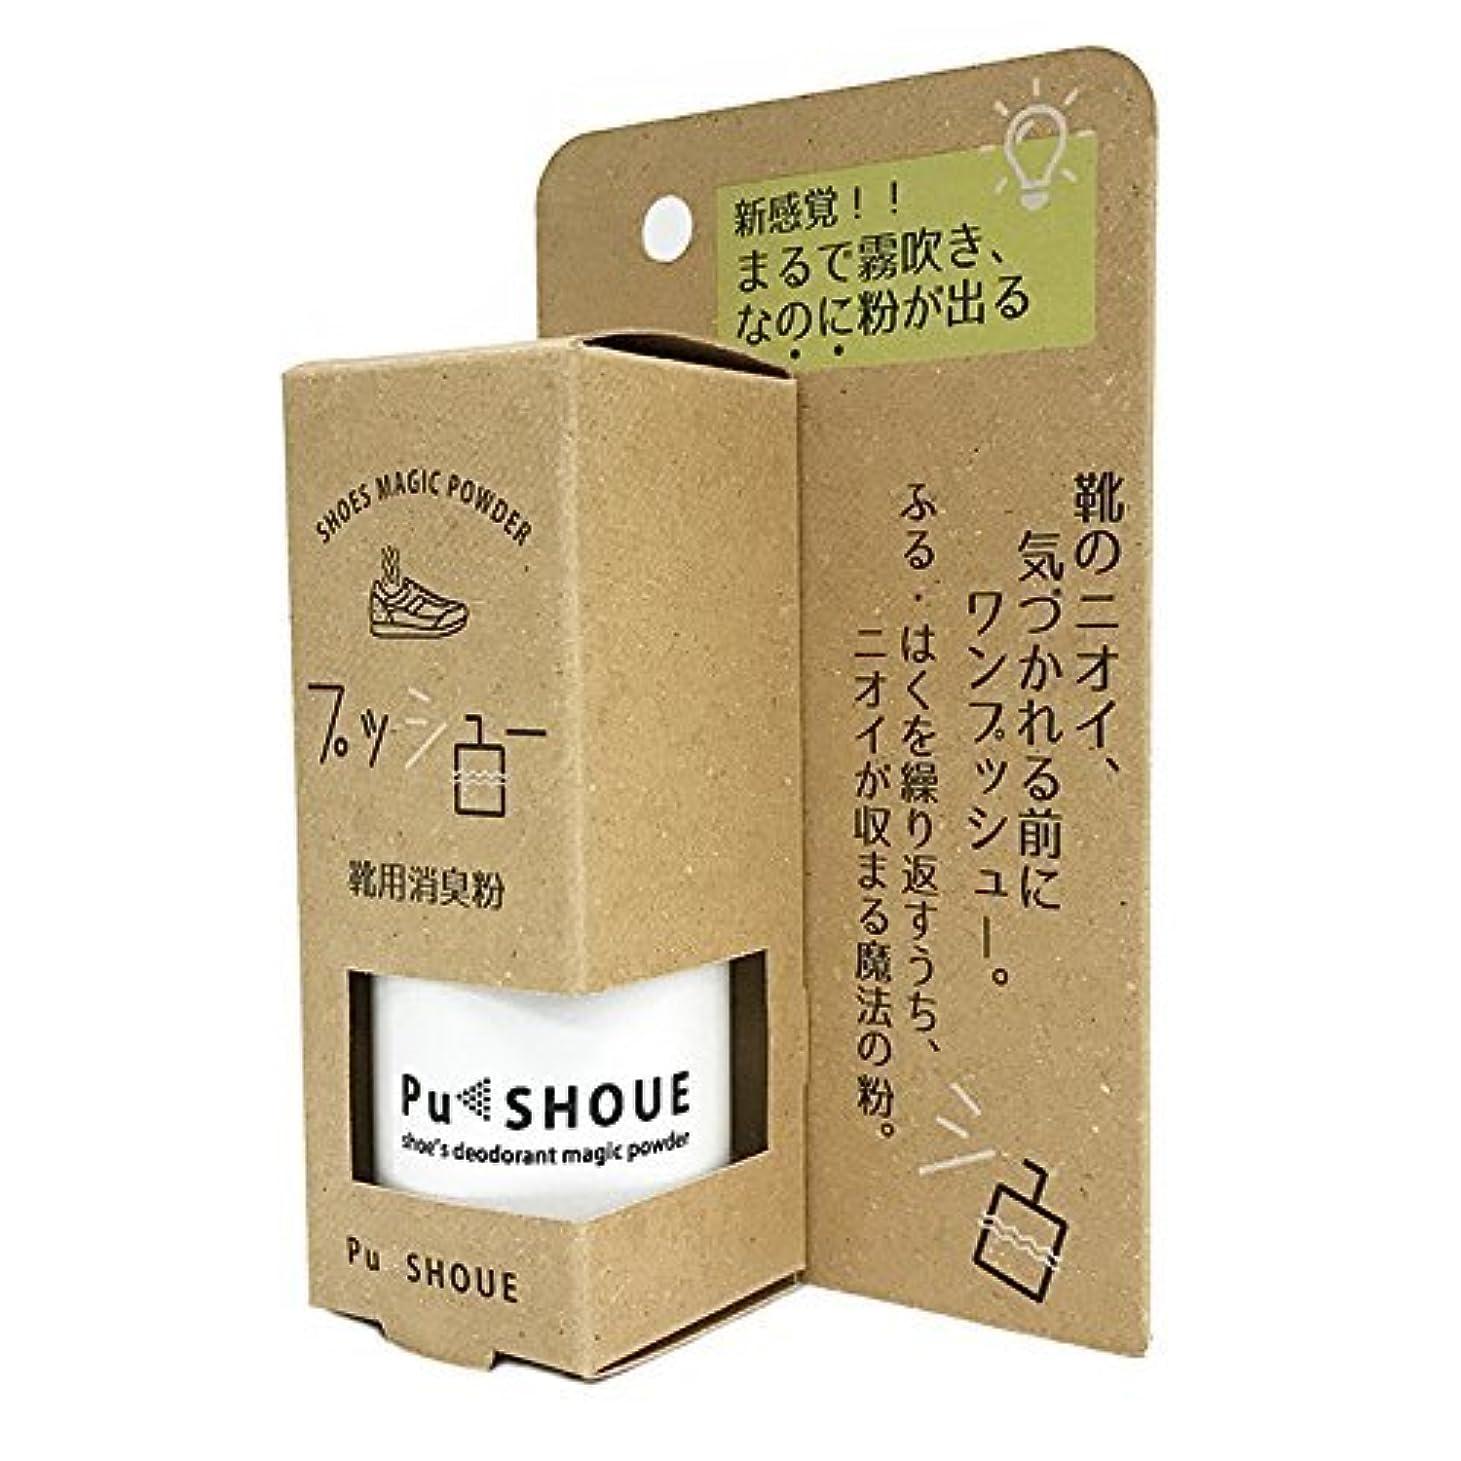 ベール間に合わせ特殊Pu SHOUE プッシュー 無香料【スプレータイプで持ち運びOK 靴用消臭粉 1100回分】